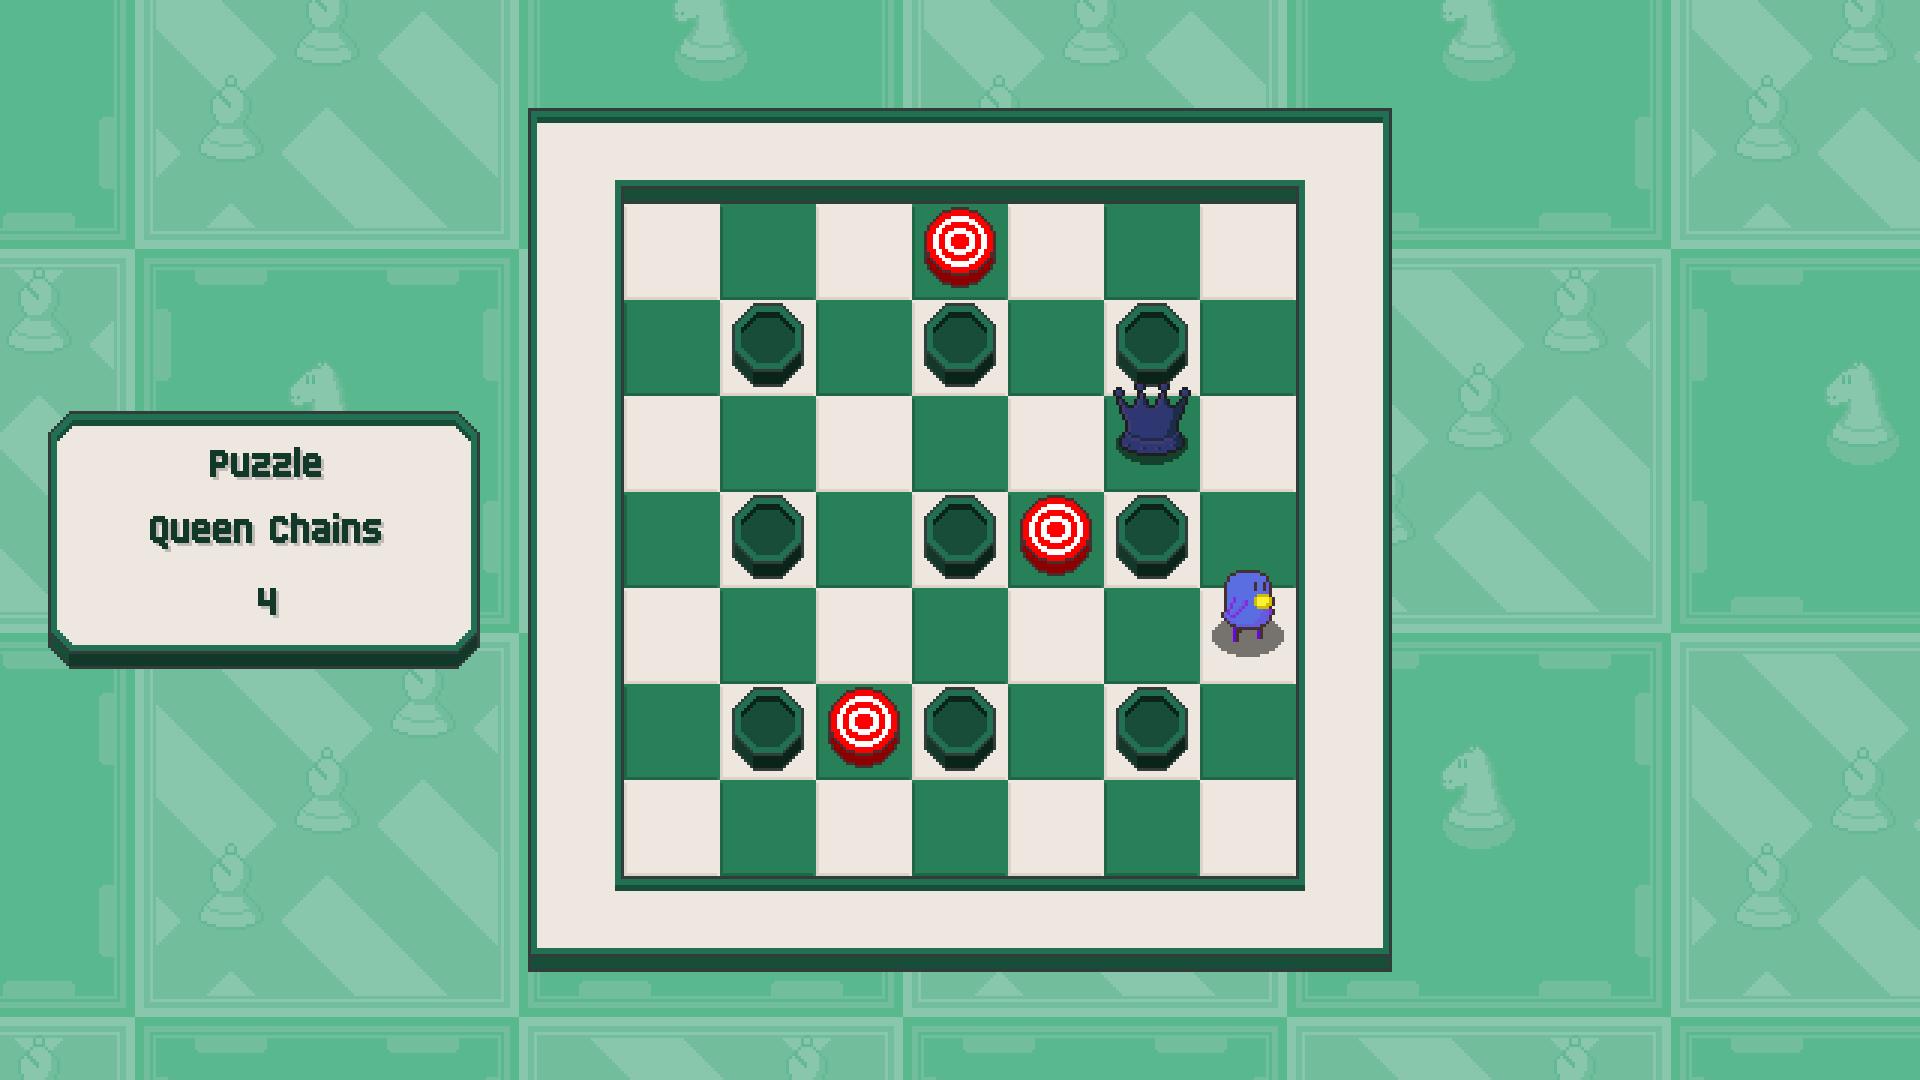 Chessplosion - Puzzle Solution Guide + Achievements Walkthrough - Beginner: Queen Chains - 839B961